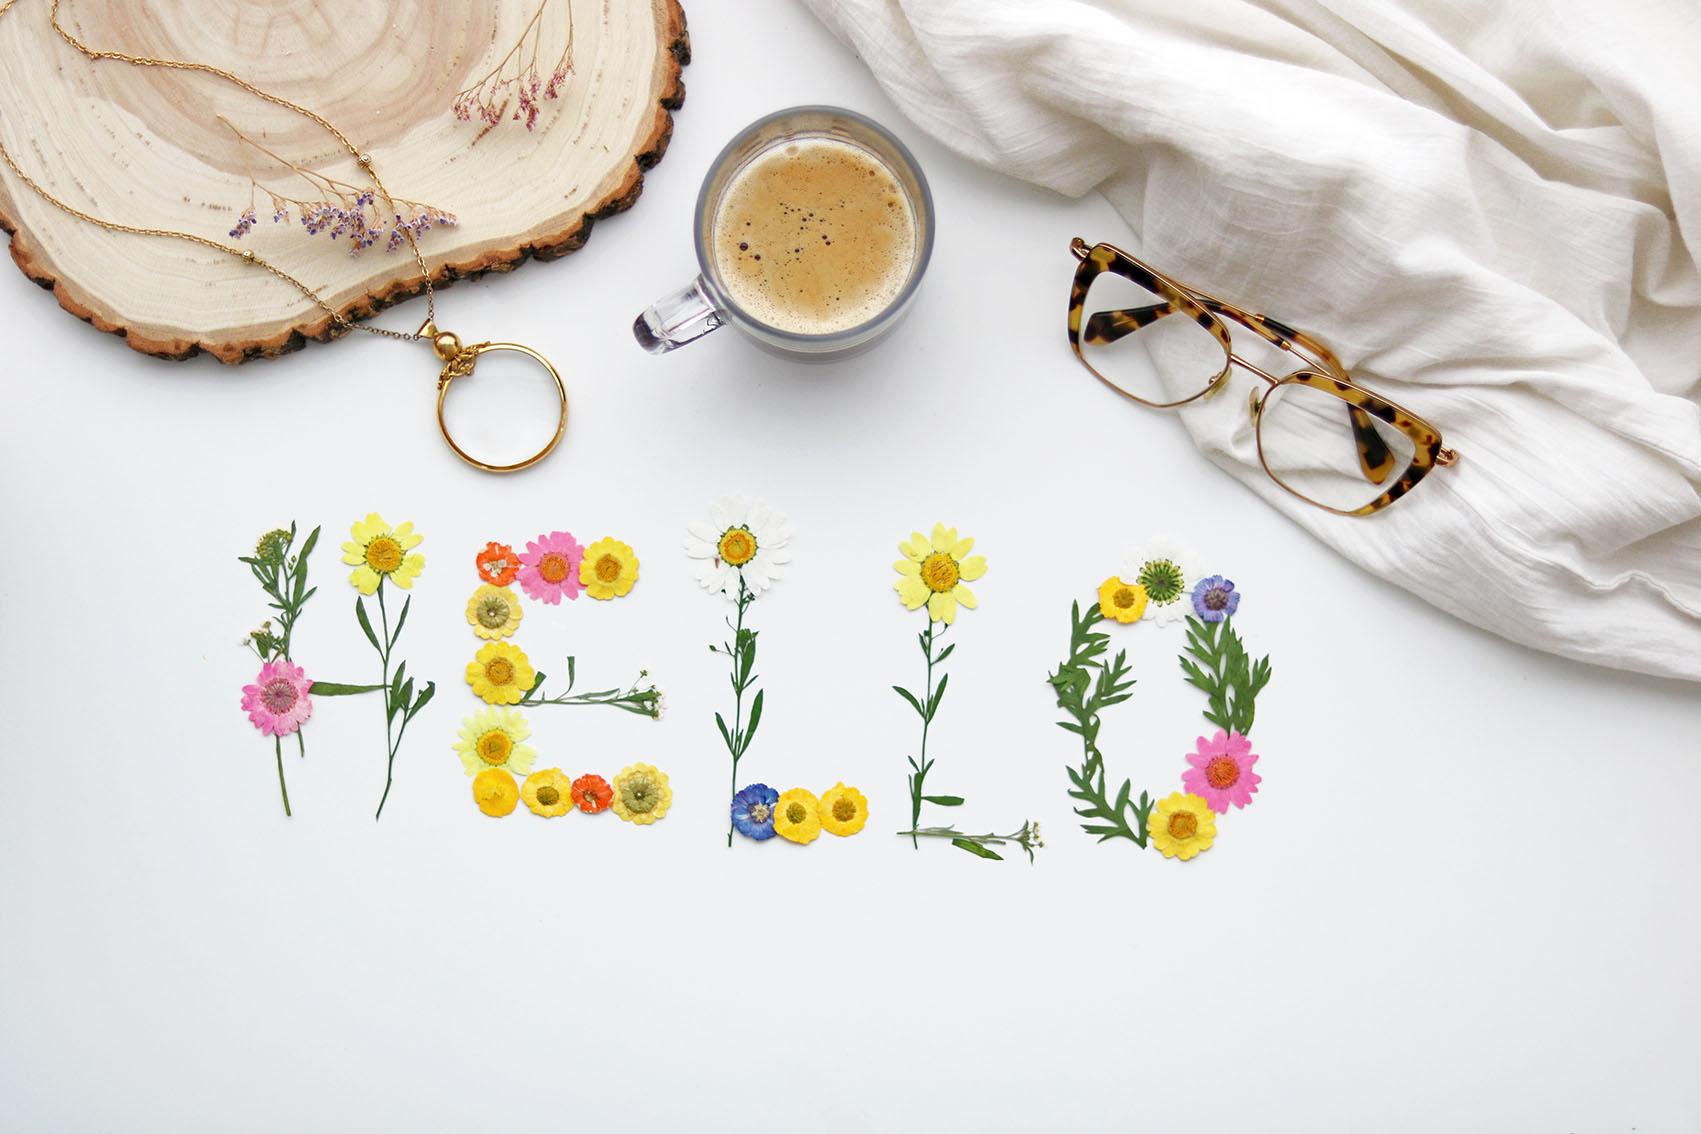 fleurs-sechees-materiel-diy-blog